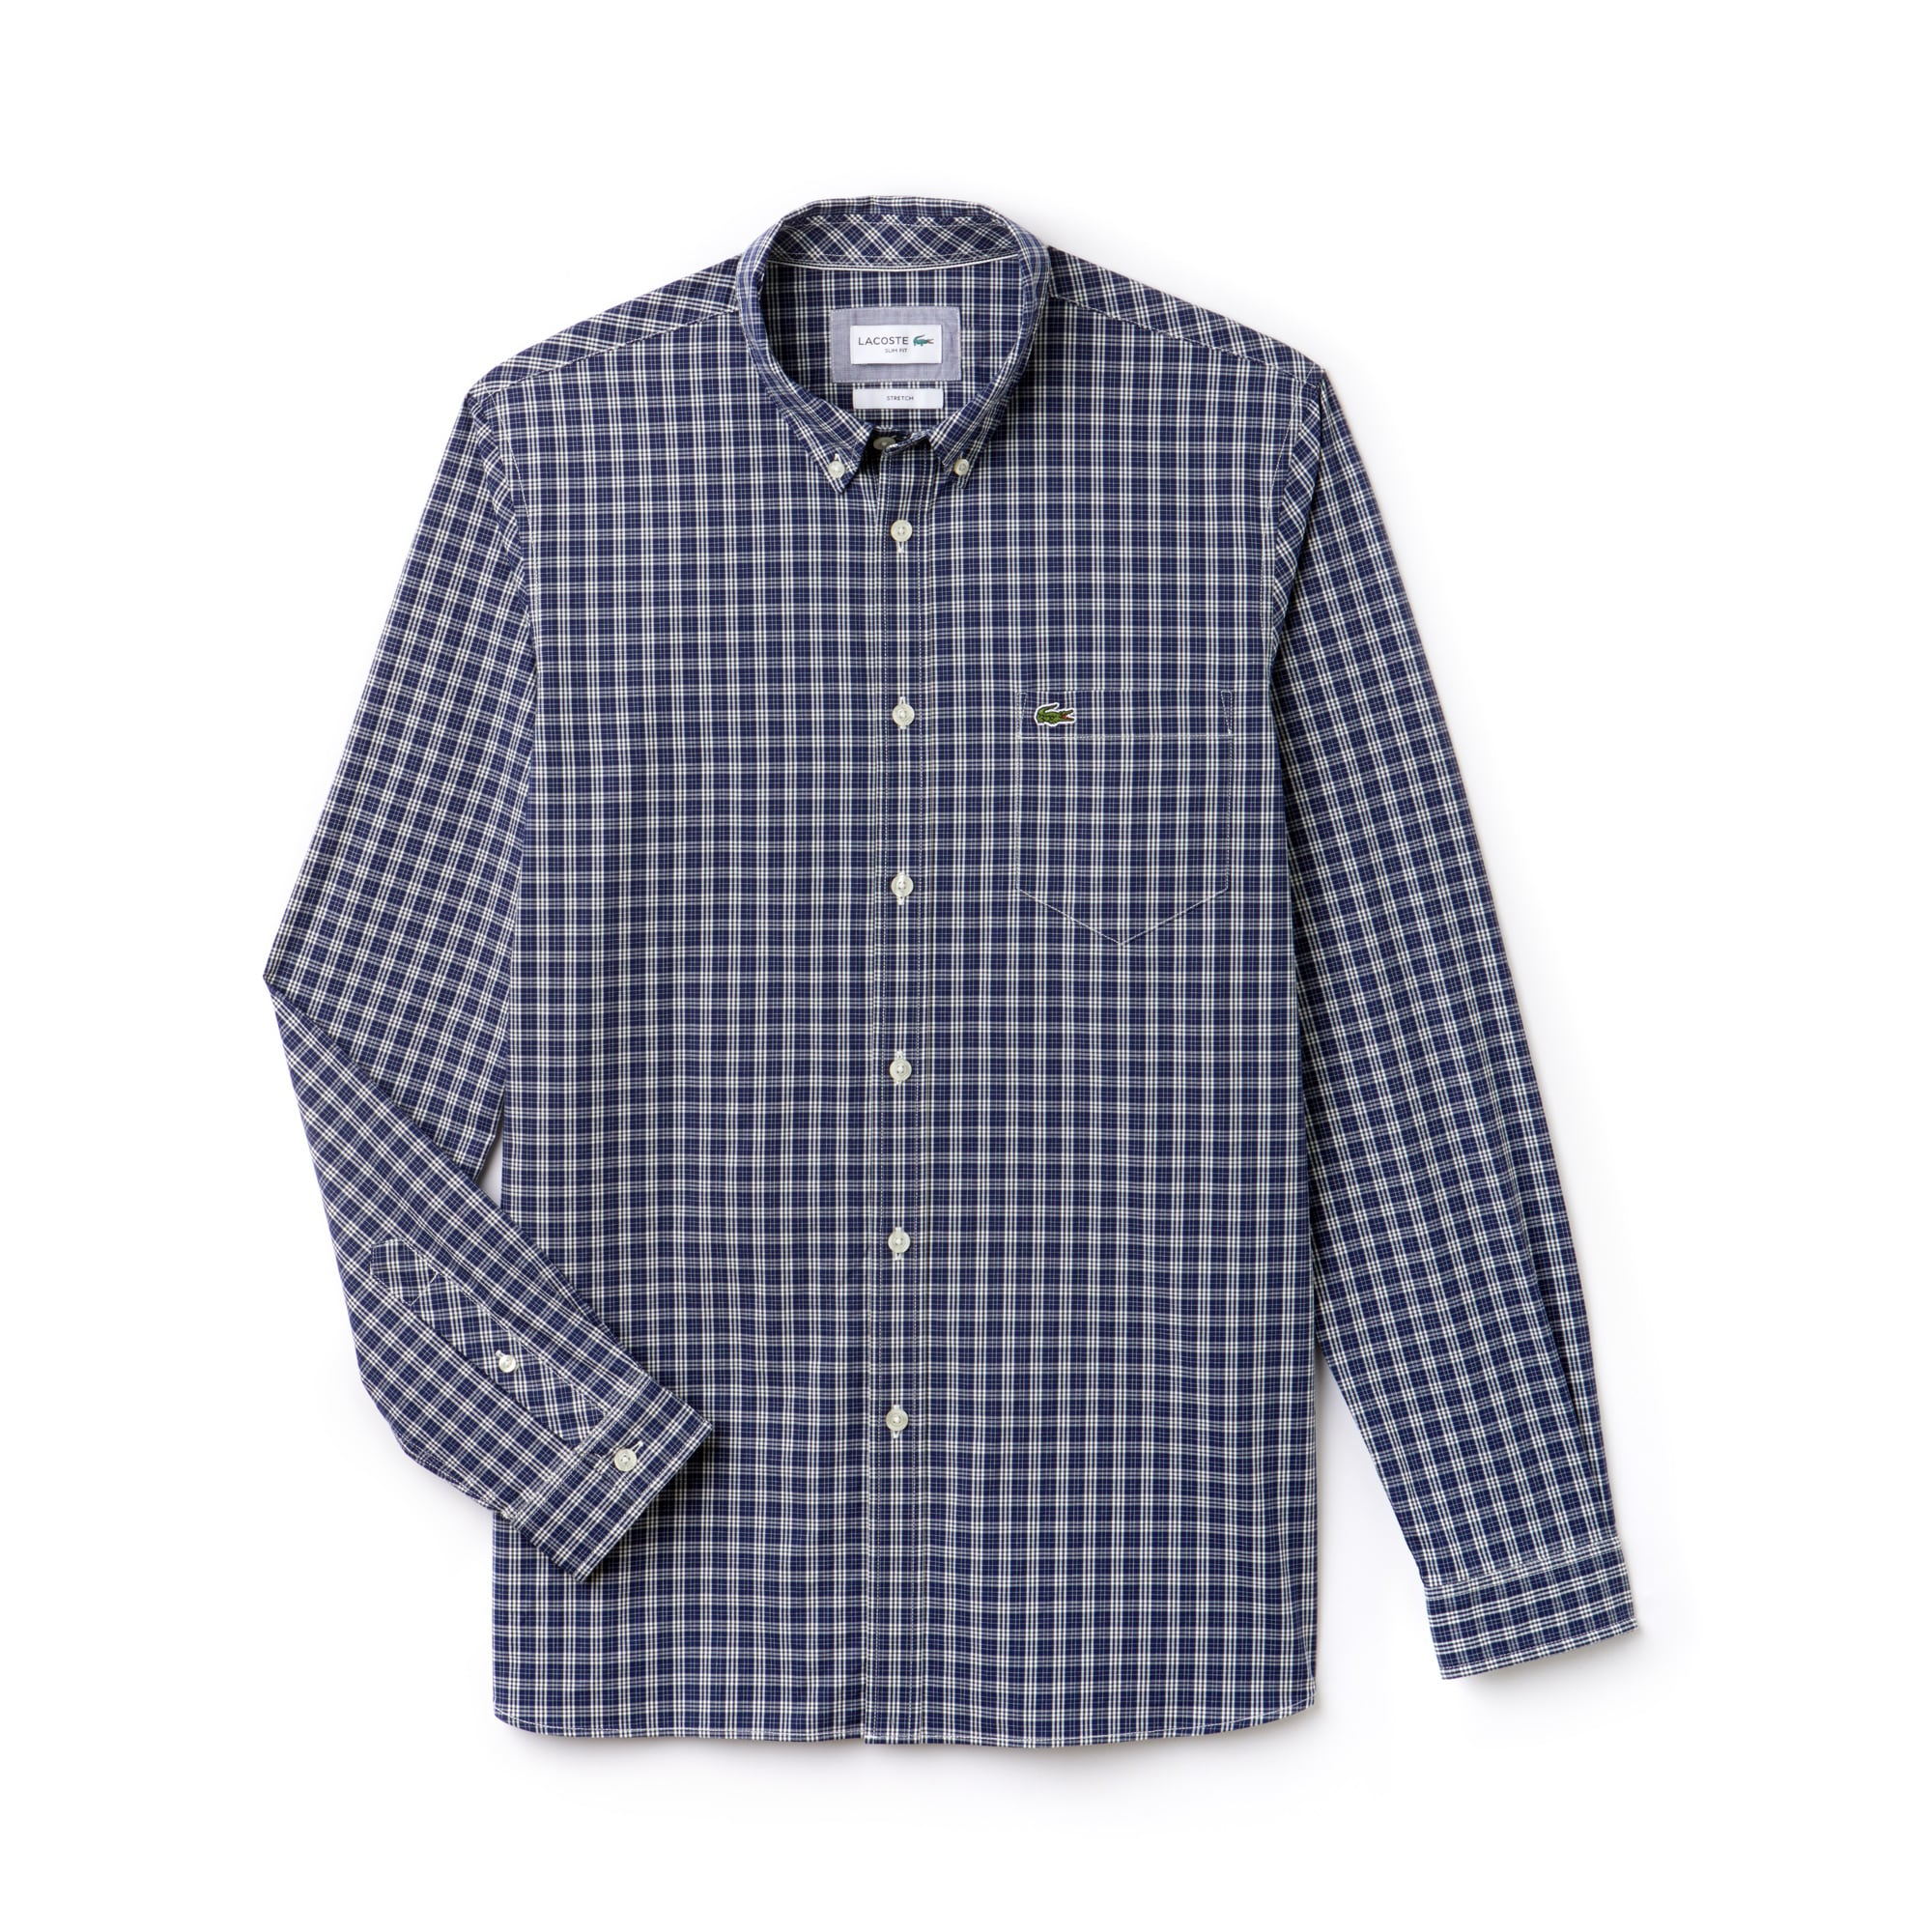 라코스테 Lacoste Mens Slim Fit Colored Check Stretch Cotton Poplin Shirt,navy blue